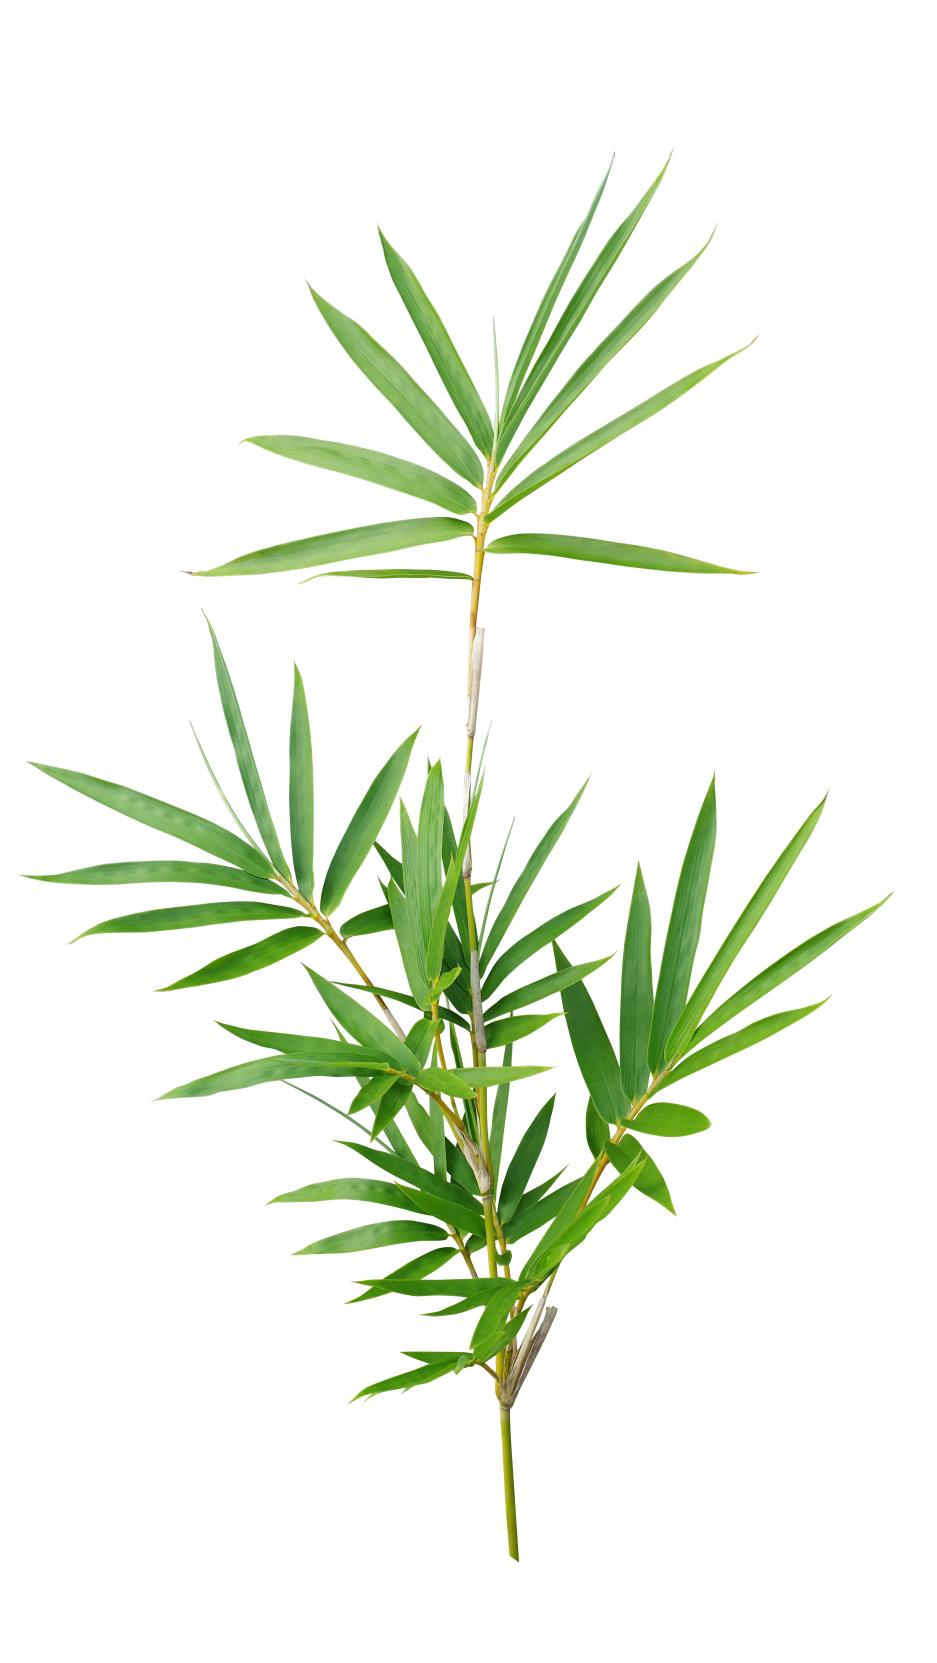 Ekstrakt bambusa